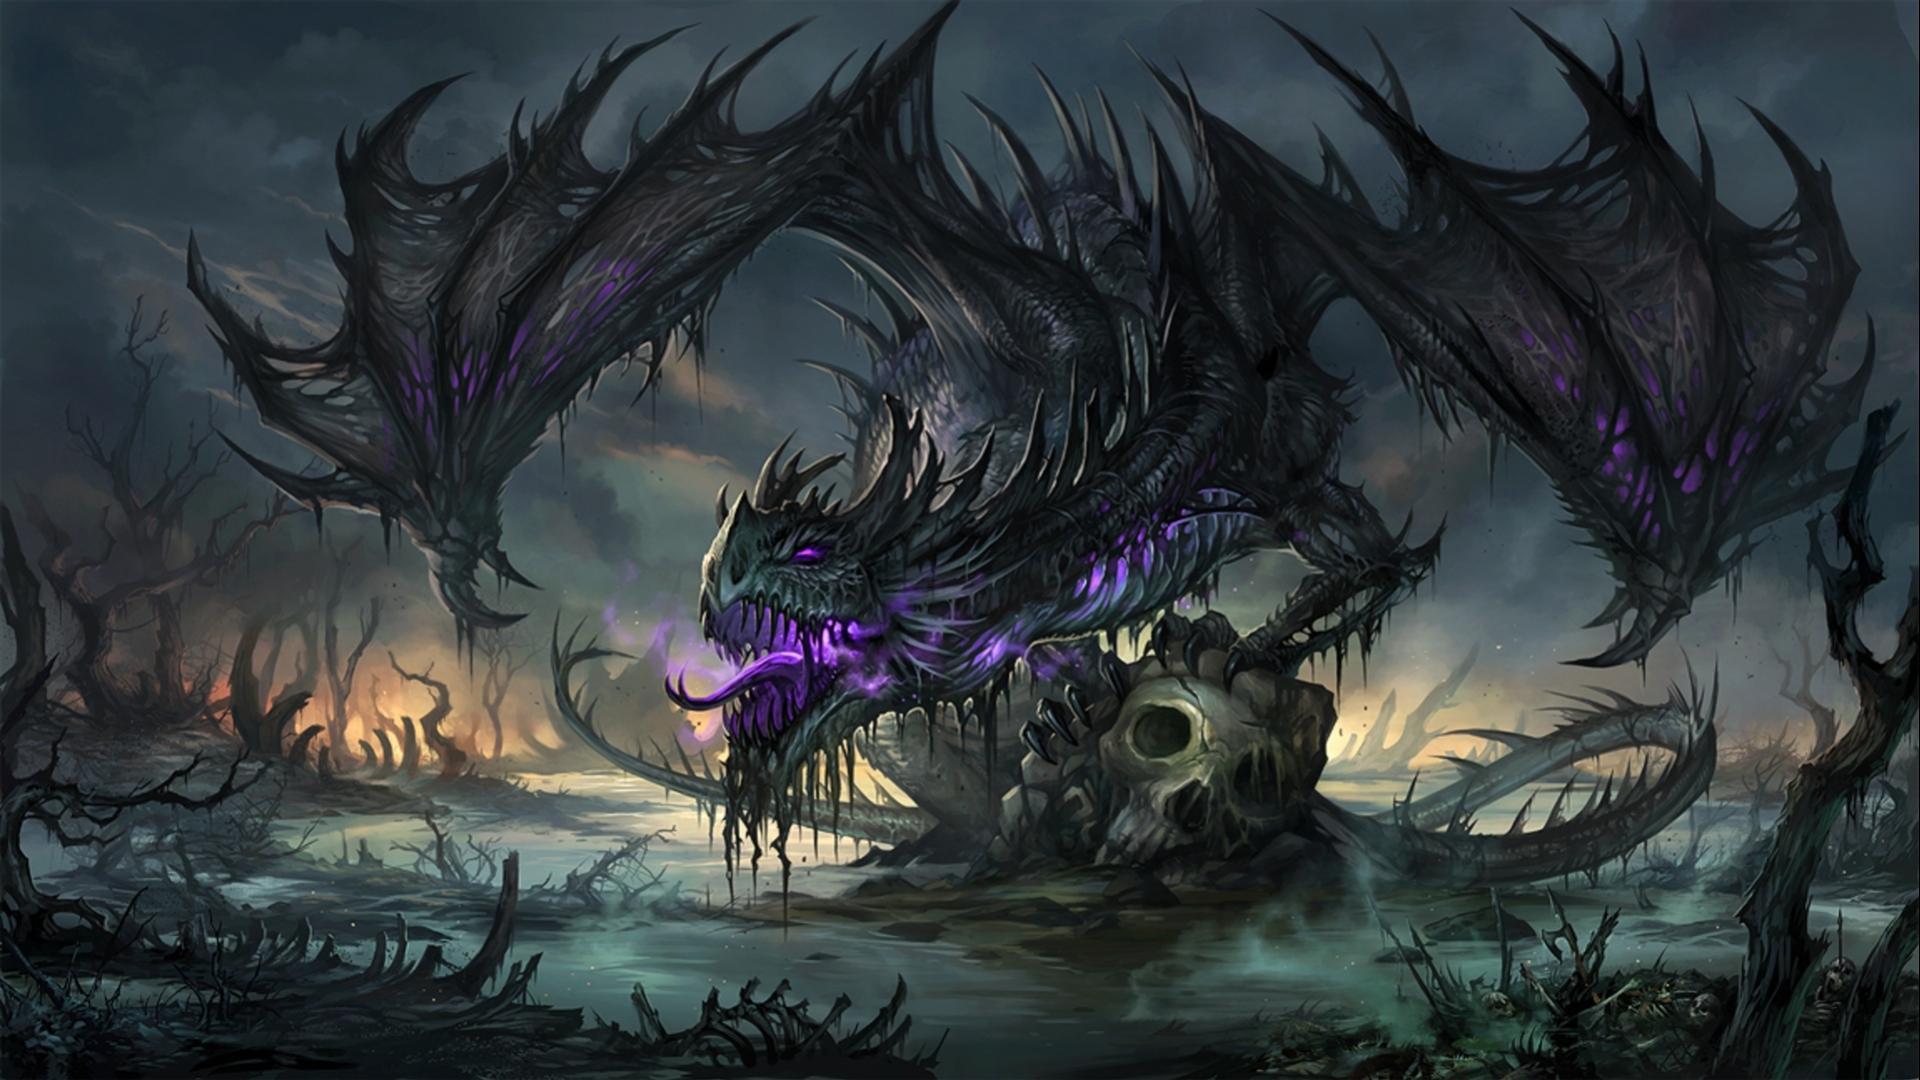 Evil Dragon Wallpapers - Wallpaper Cave